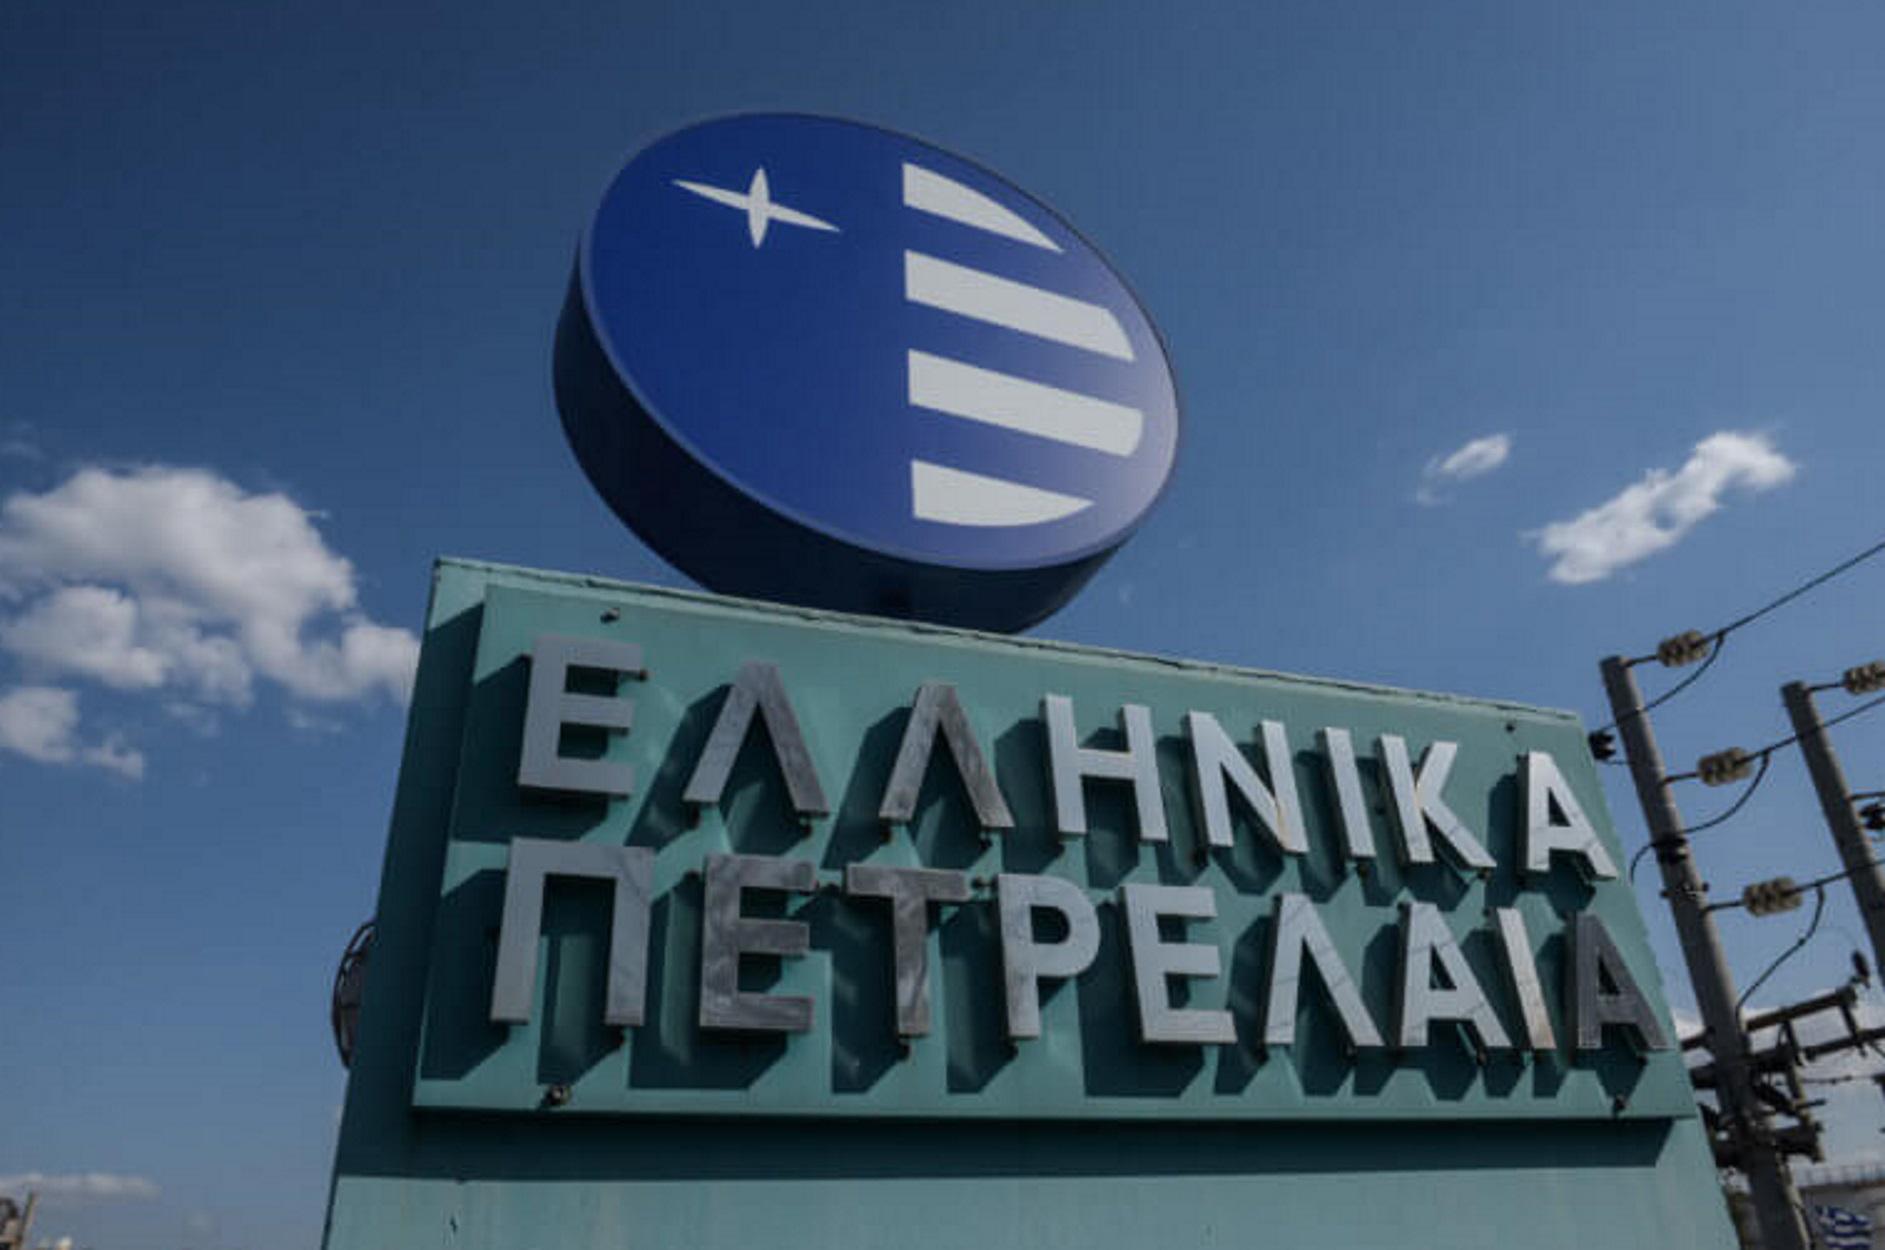 """Ελληνικά Πετρέλαια: Εξαγορά """"μαμούθ"""" στην Κοζάνη – Απέκτησαν το μεγαλύτερο έργο ΑΠΕ στην Ελλάδα"""